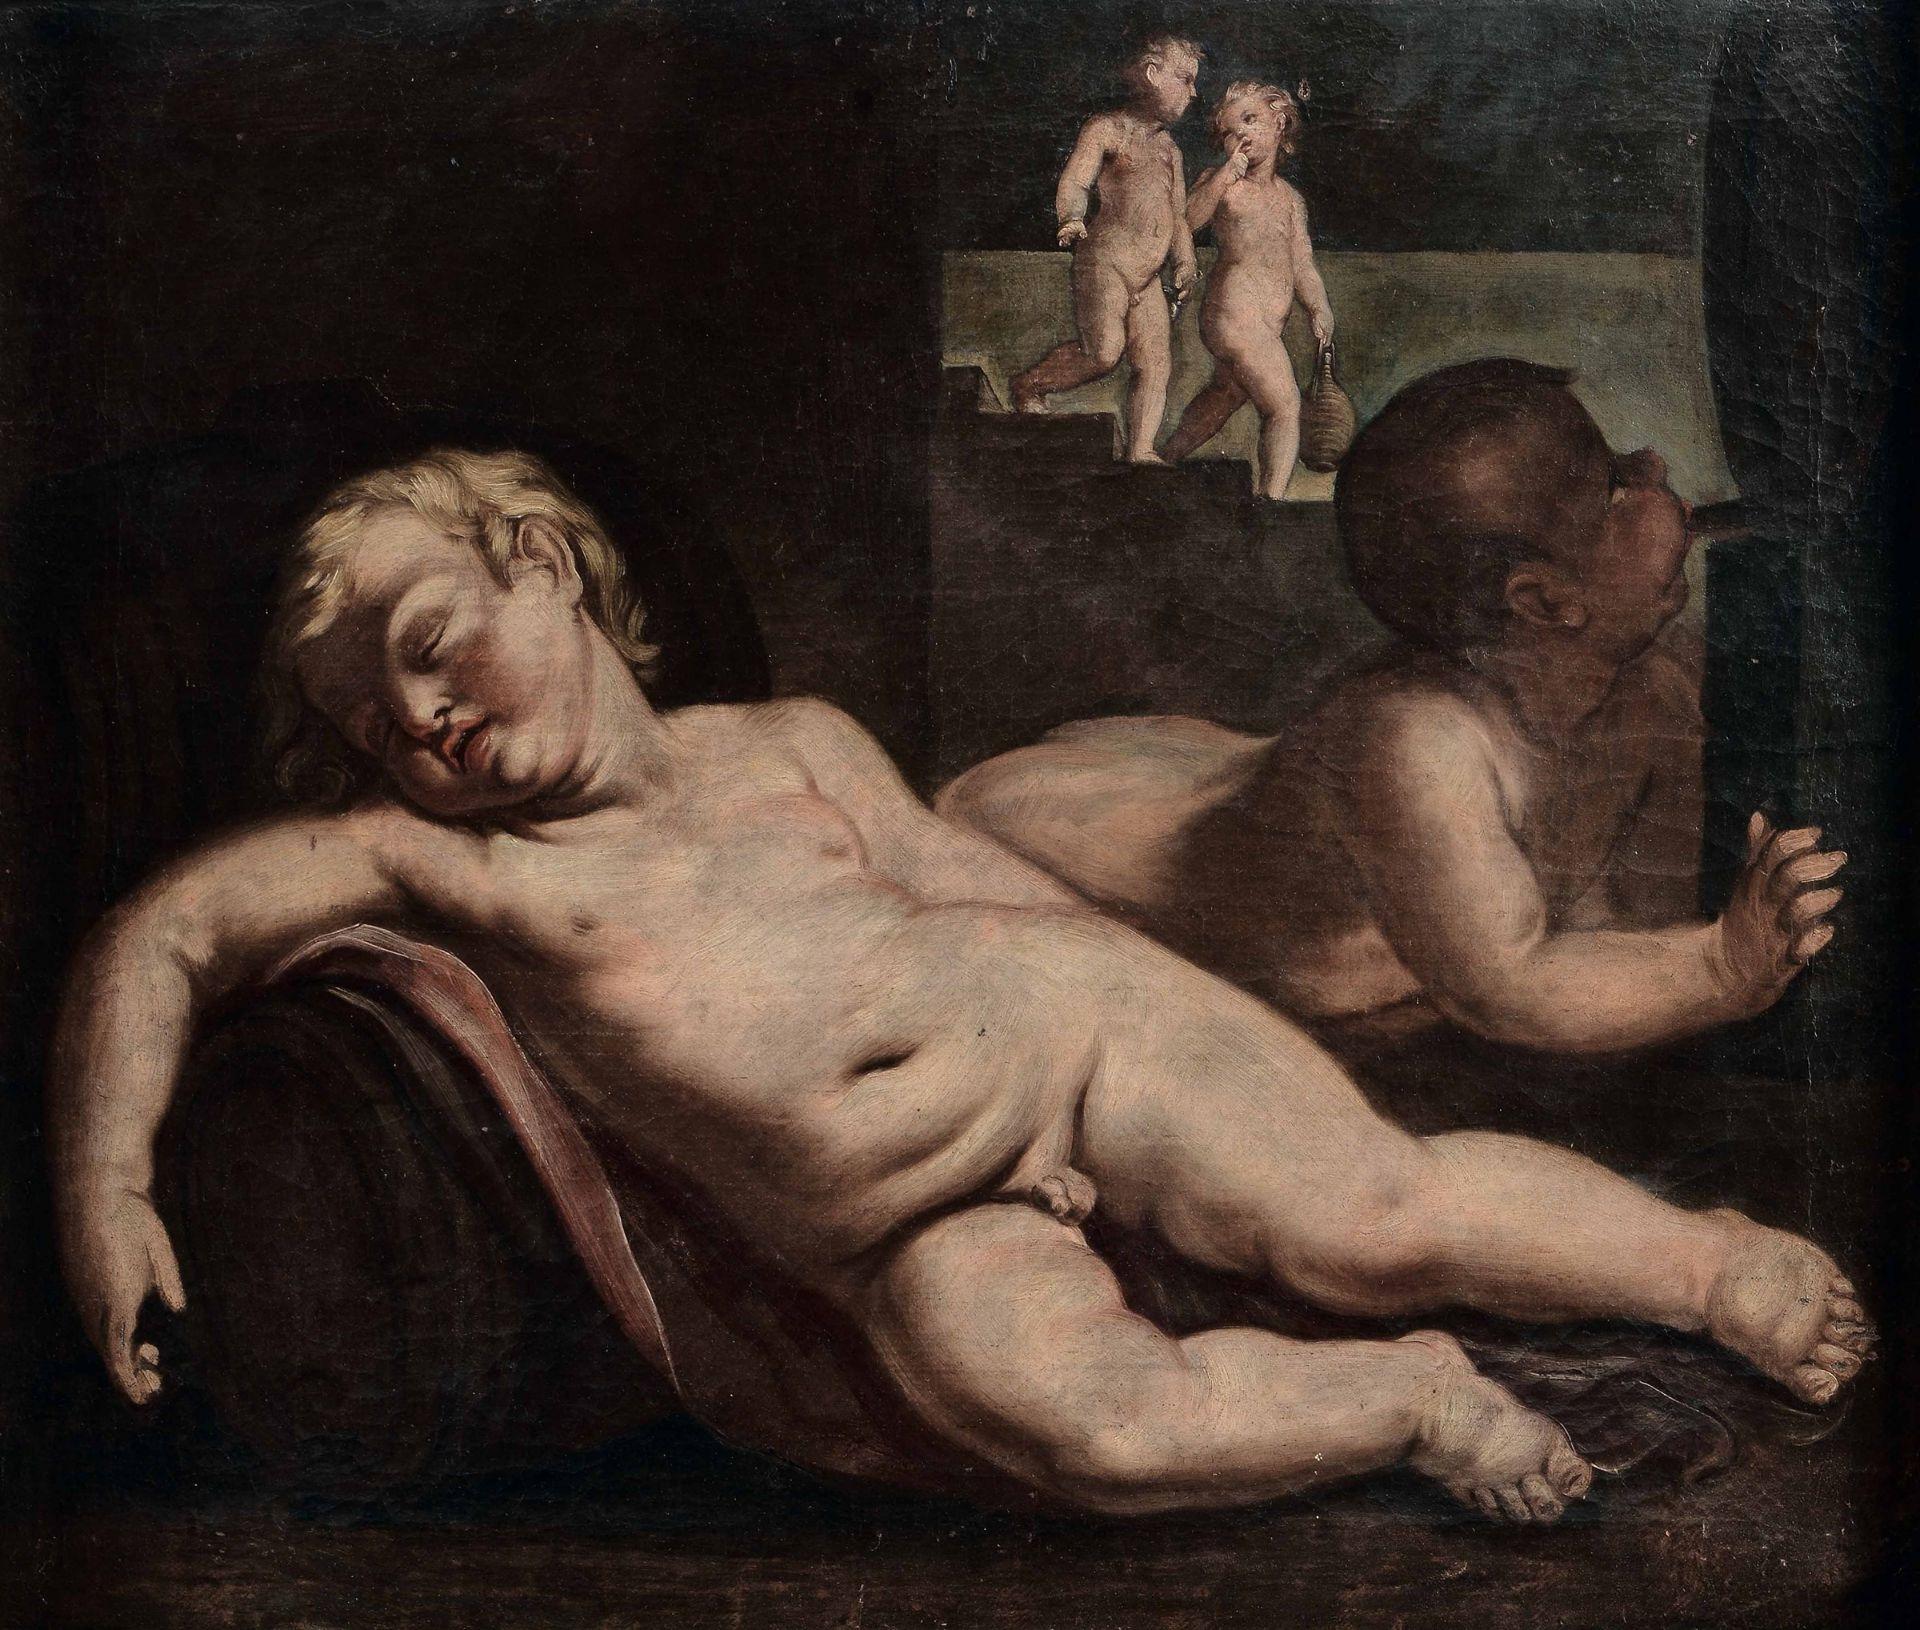 Los 13 - Scuola del XVII secolo, Putti ebbri - olio su tela, cm 73x87 entro cornice dorata -